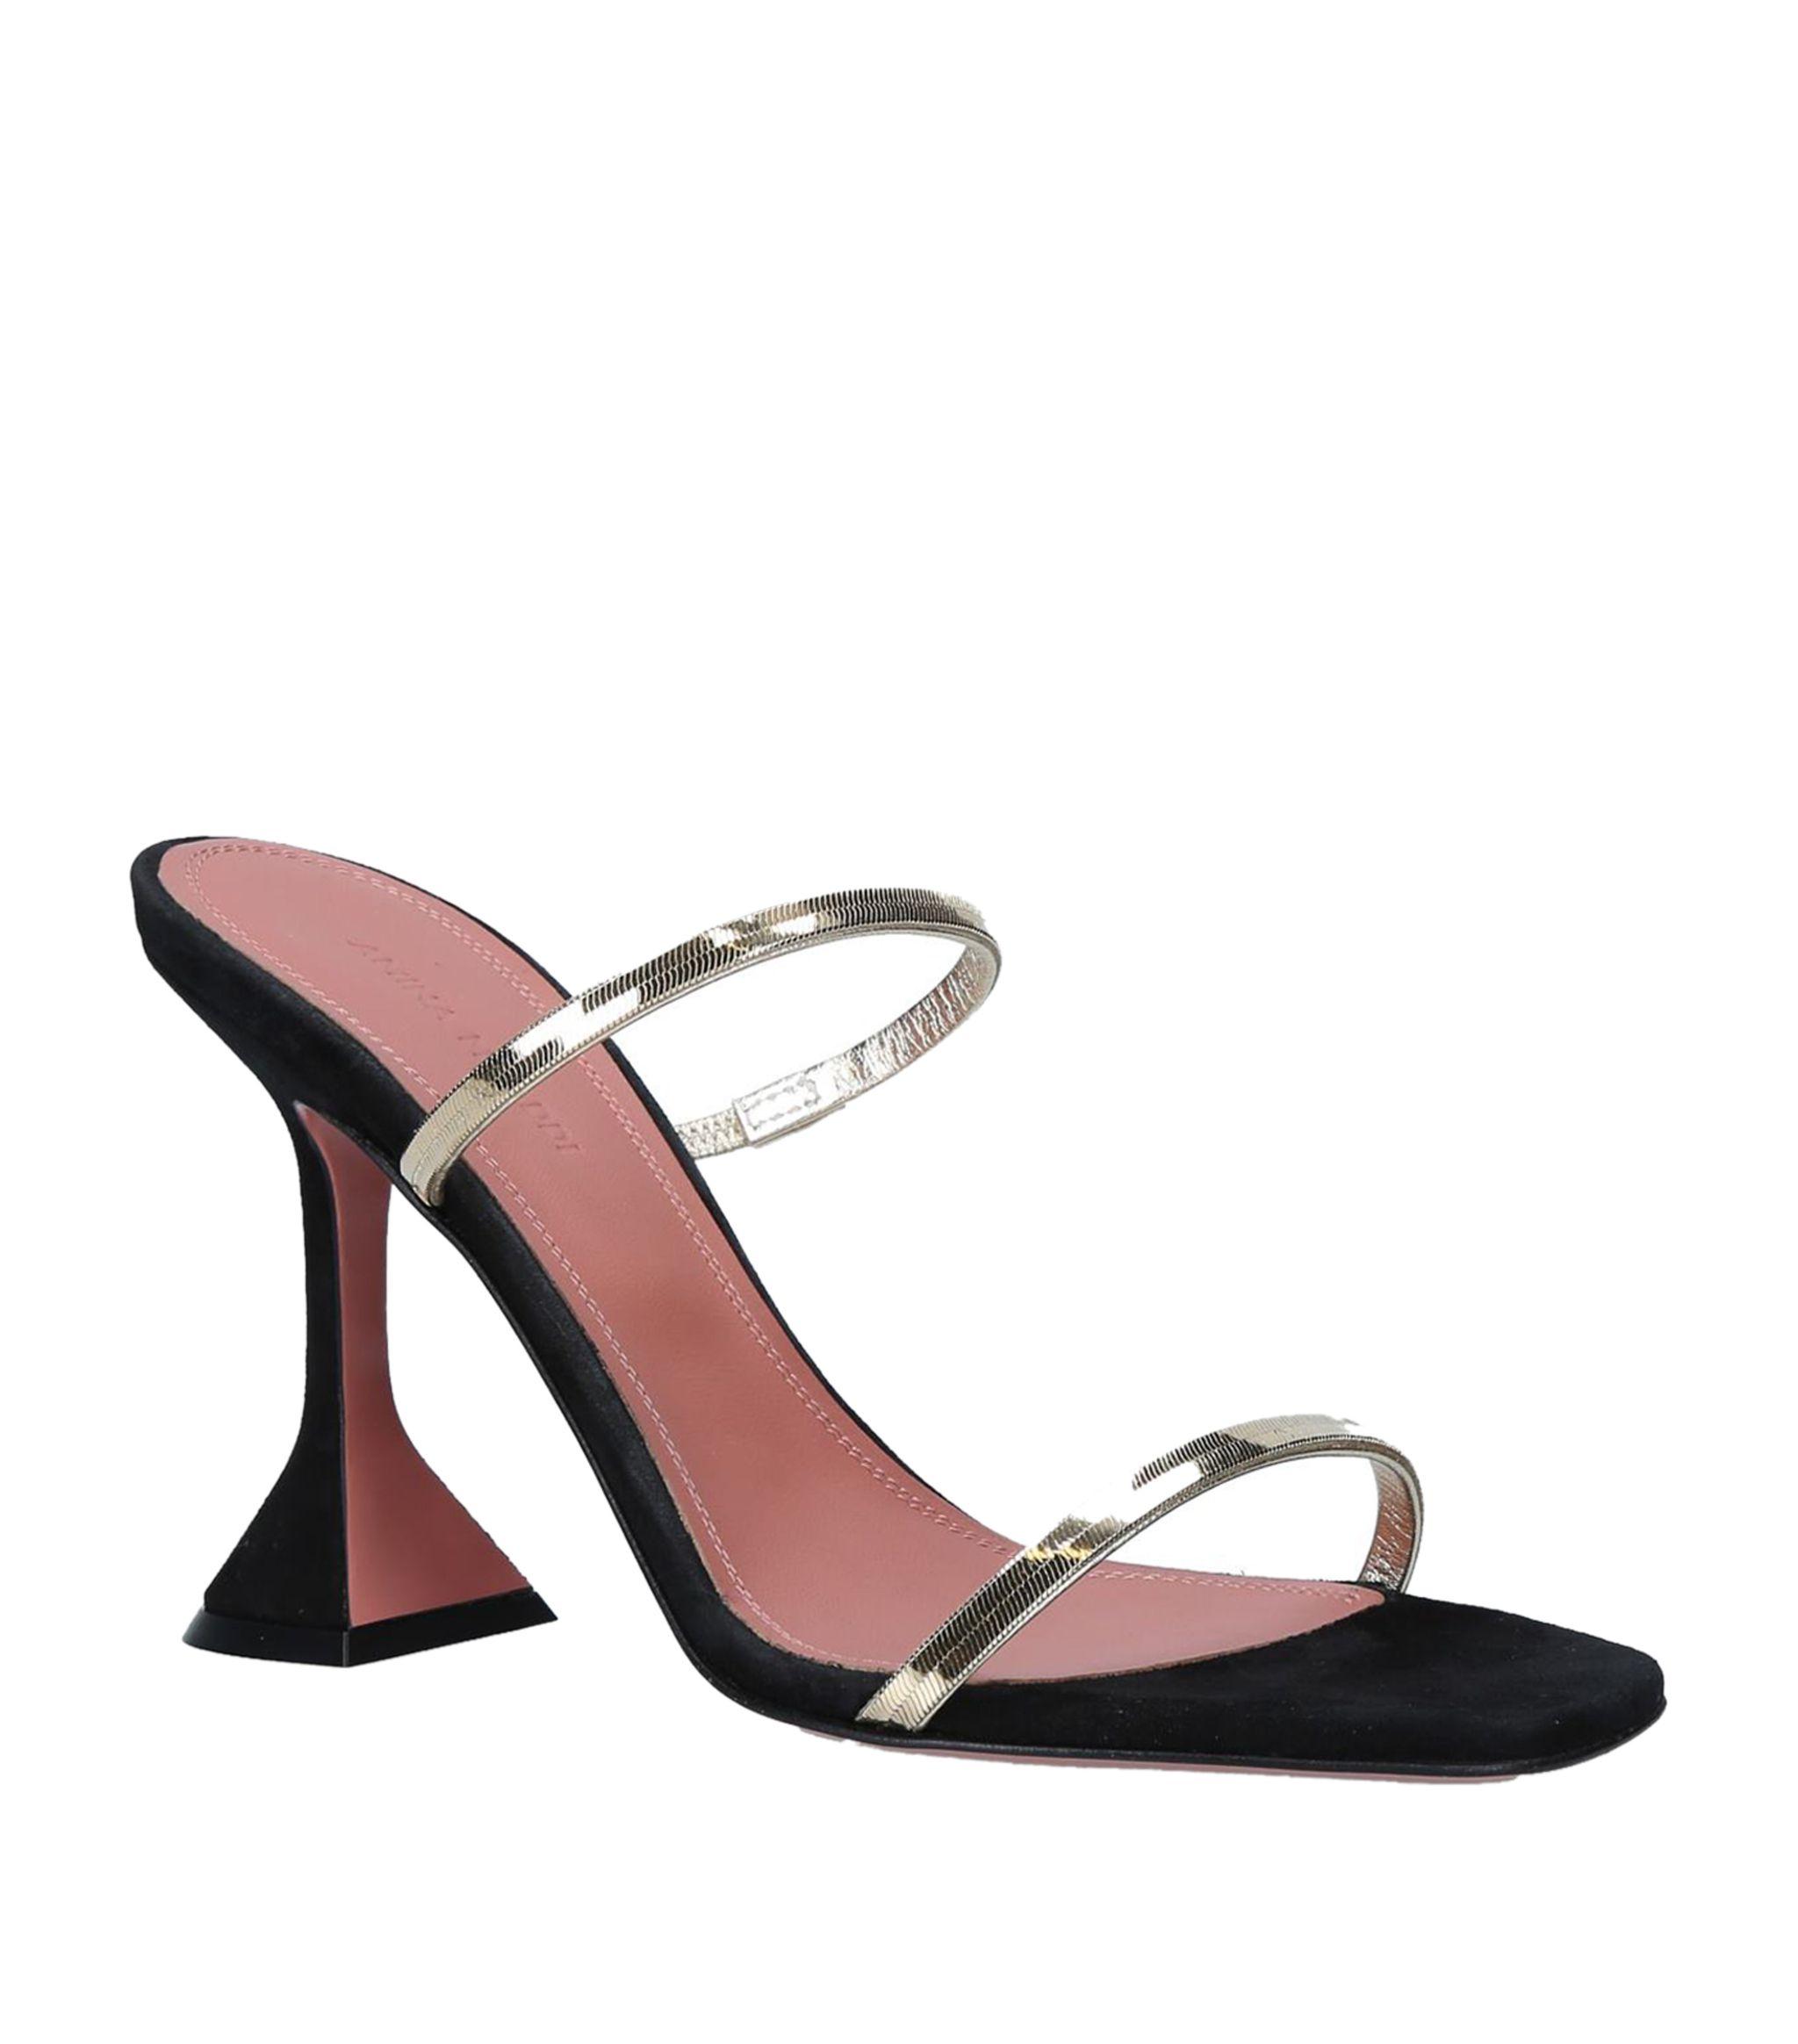 Amina Muaddi Henson chain suede sandals